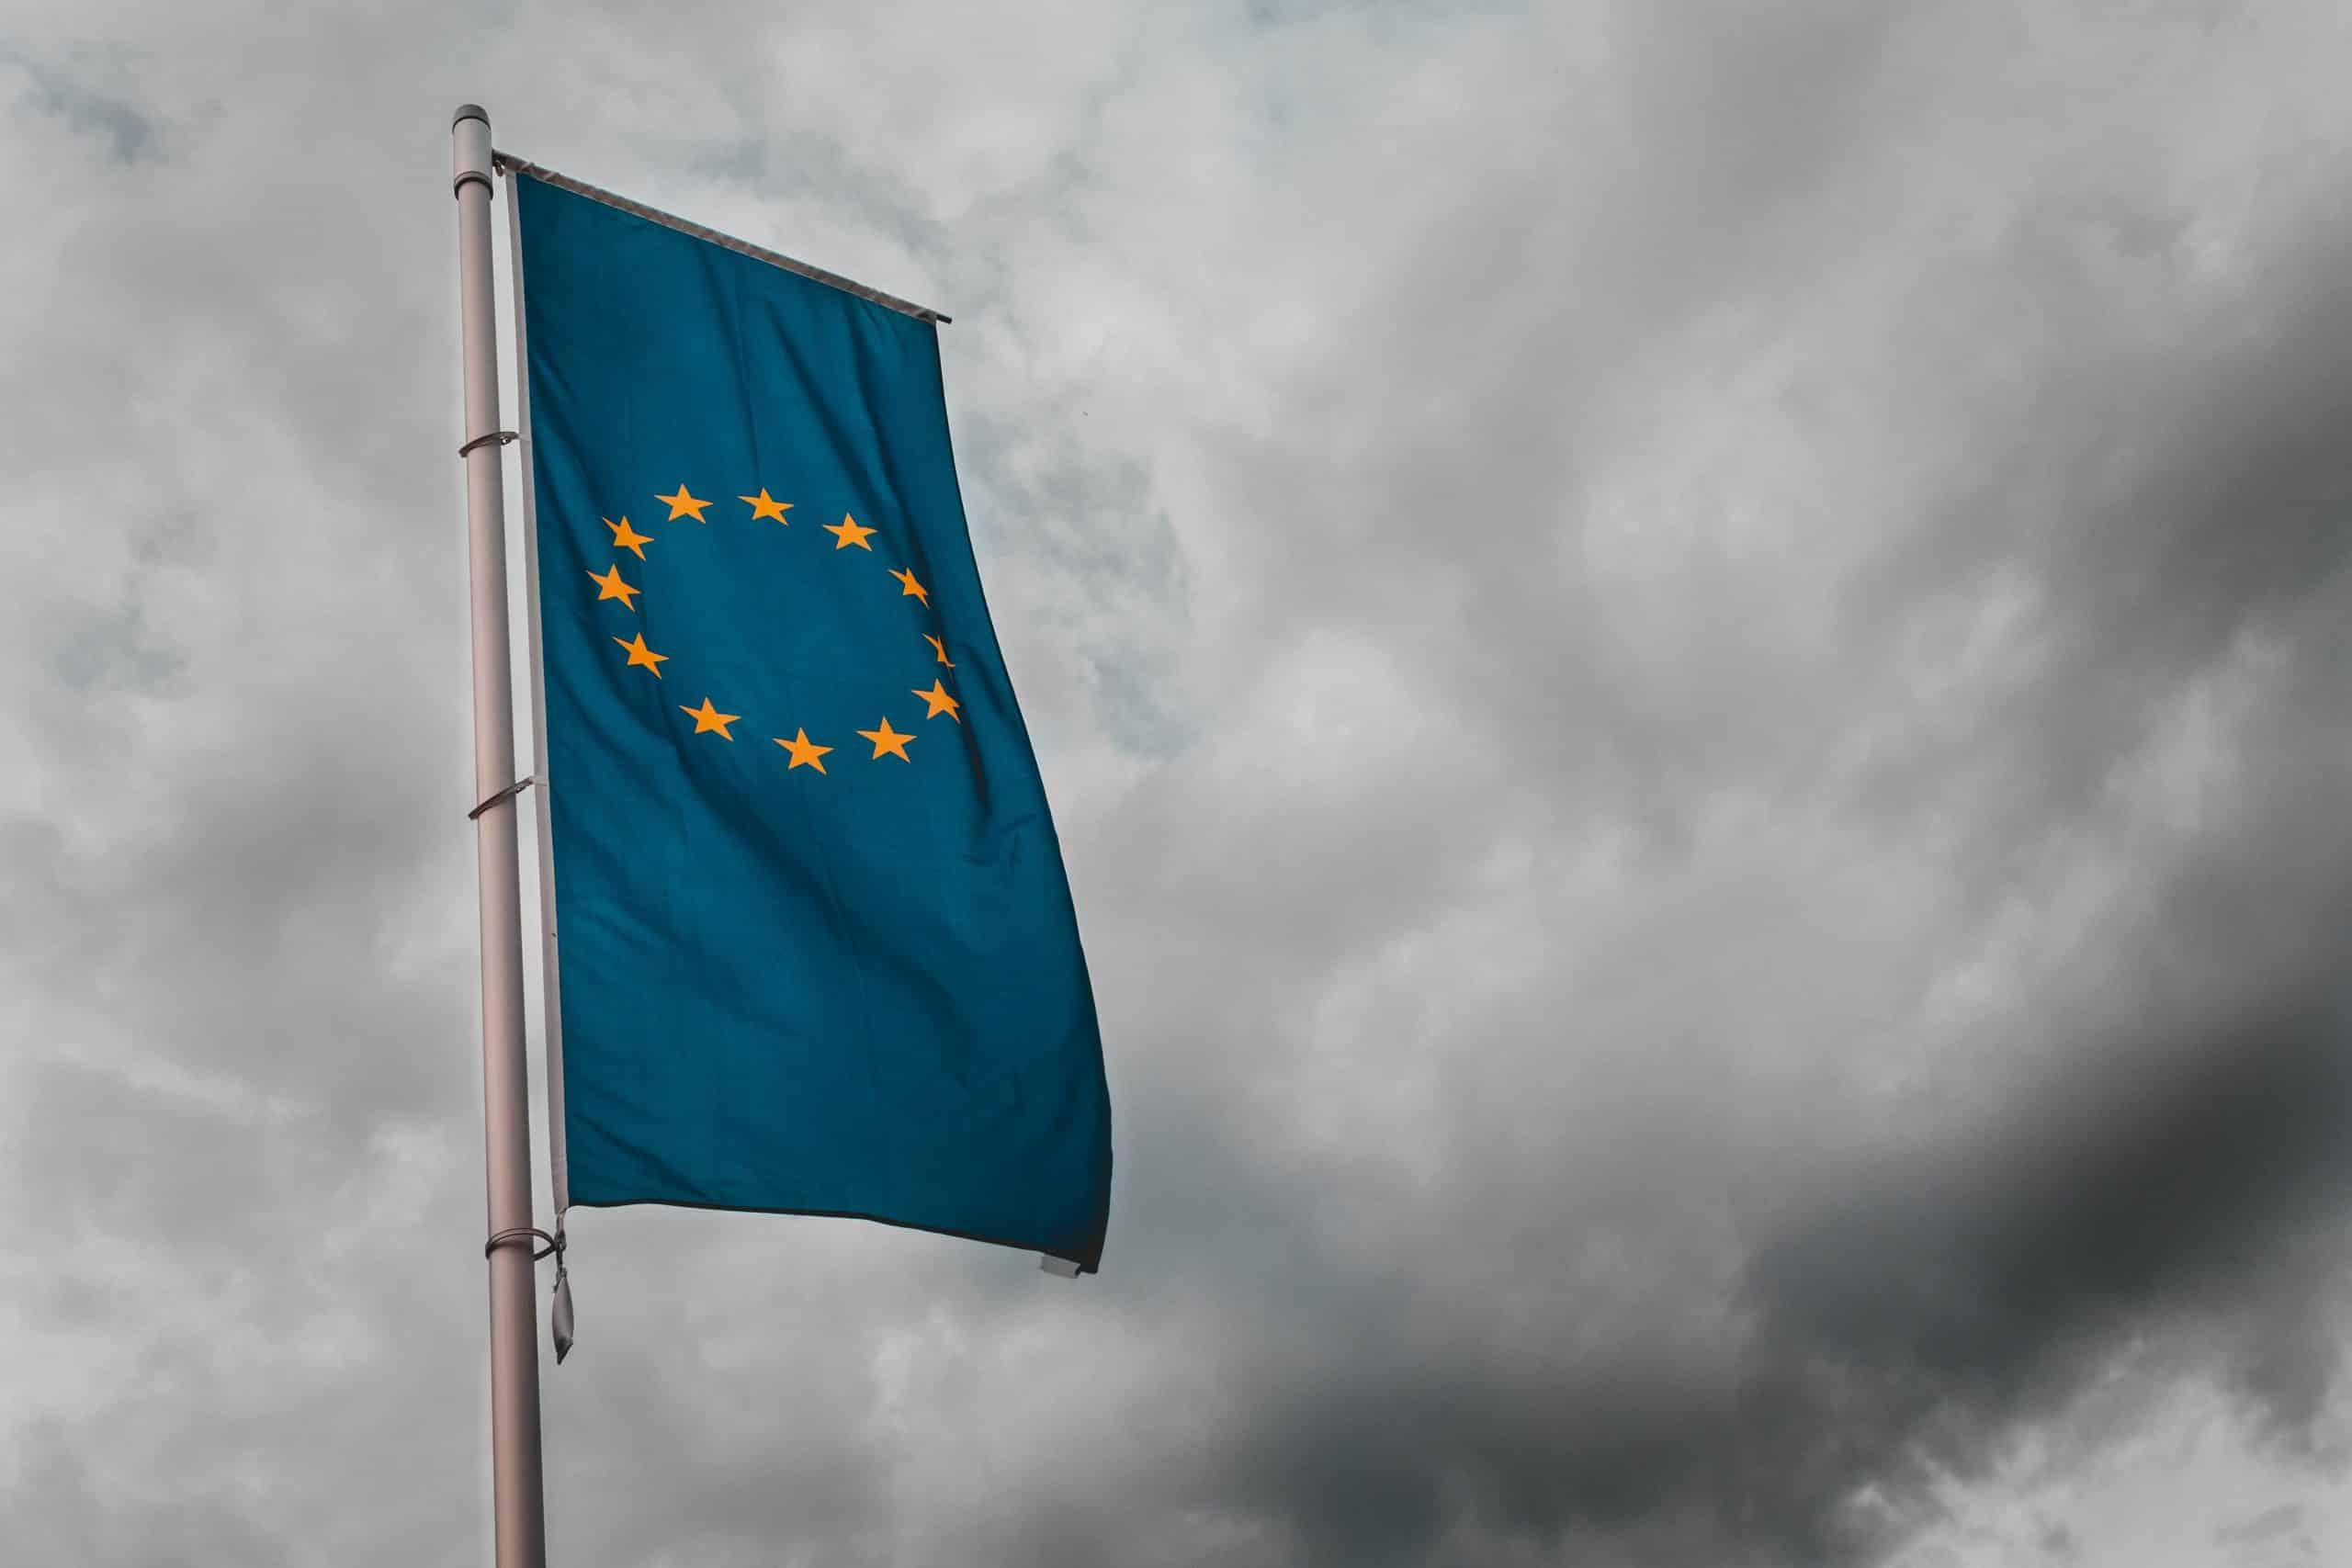 Un drapeau de l'Union Européenne flottant dans un ciel nuageux